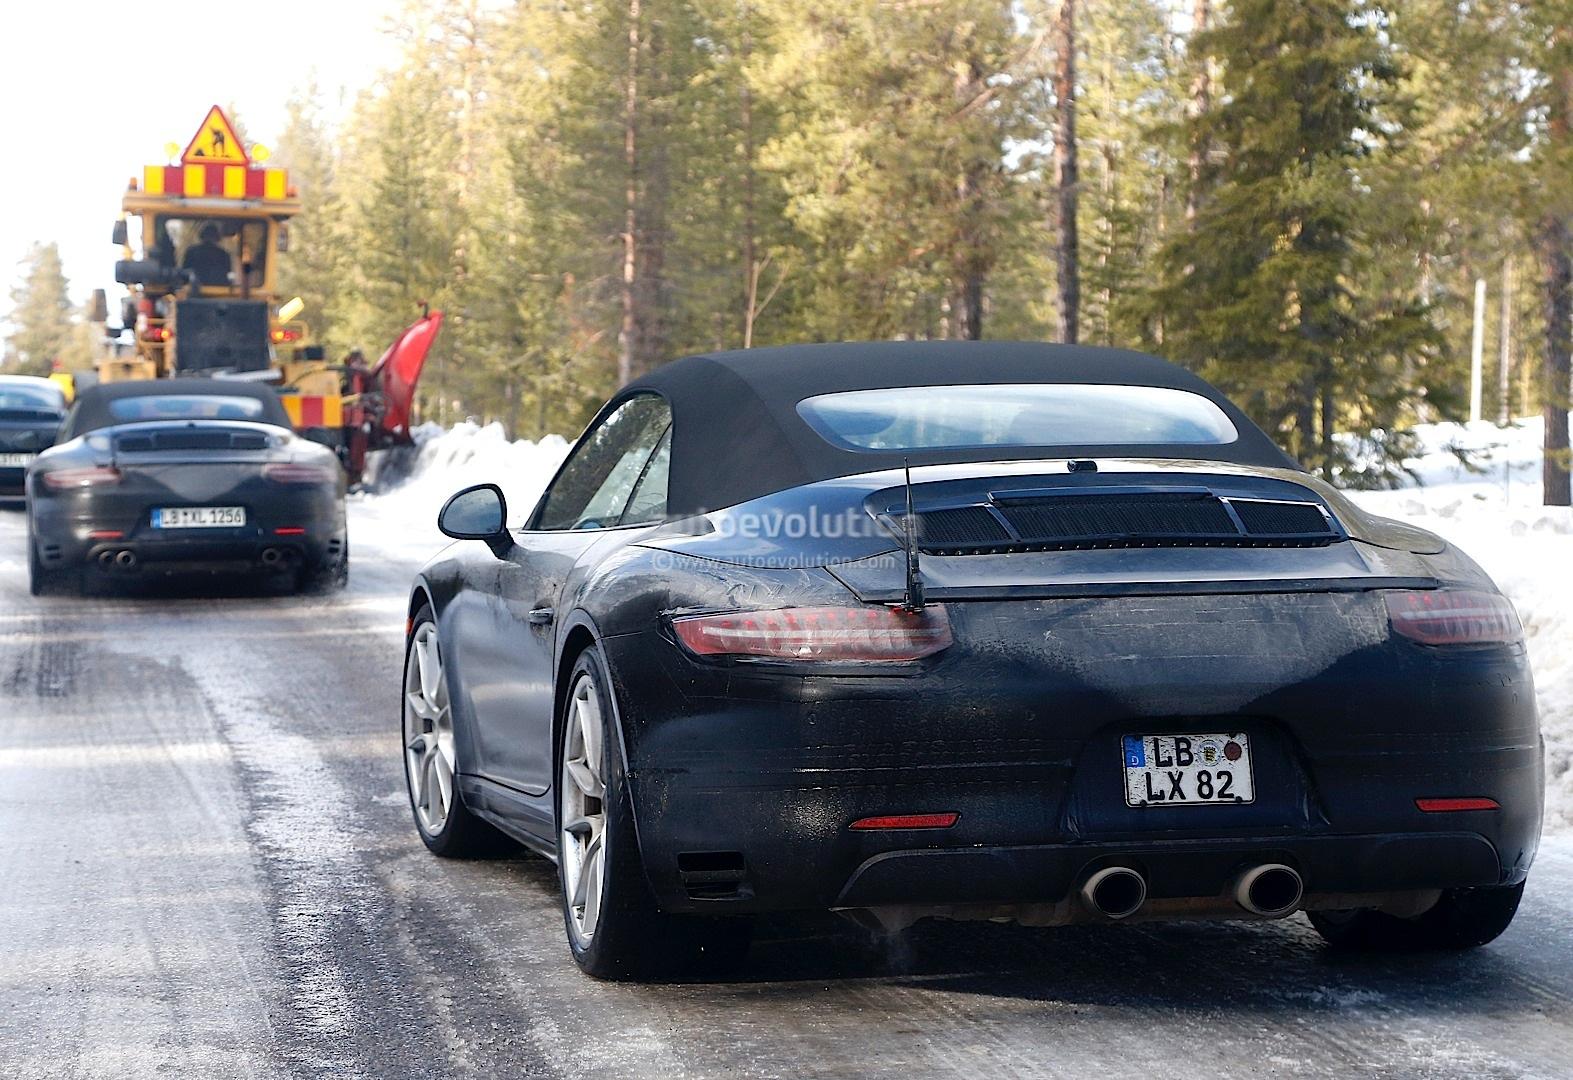 2015 Porsche 911 Facelift Sports Active Grille Shutters